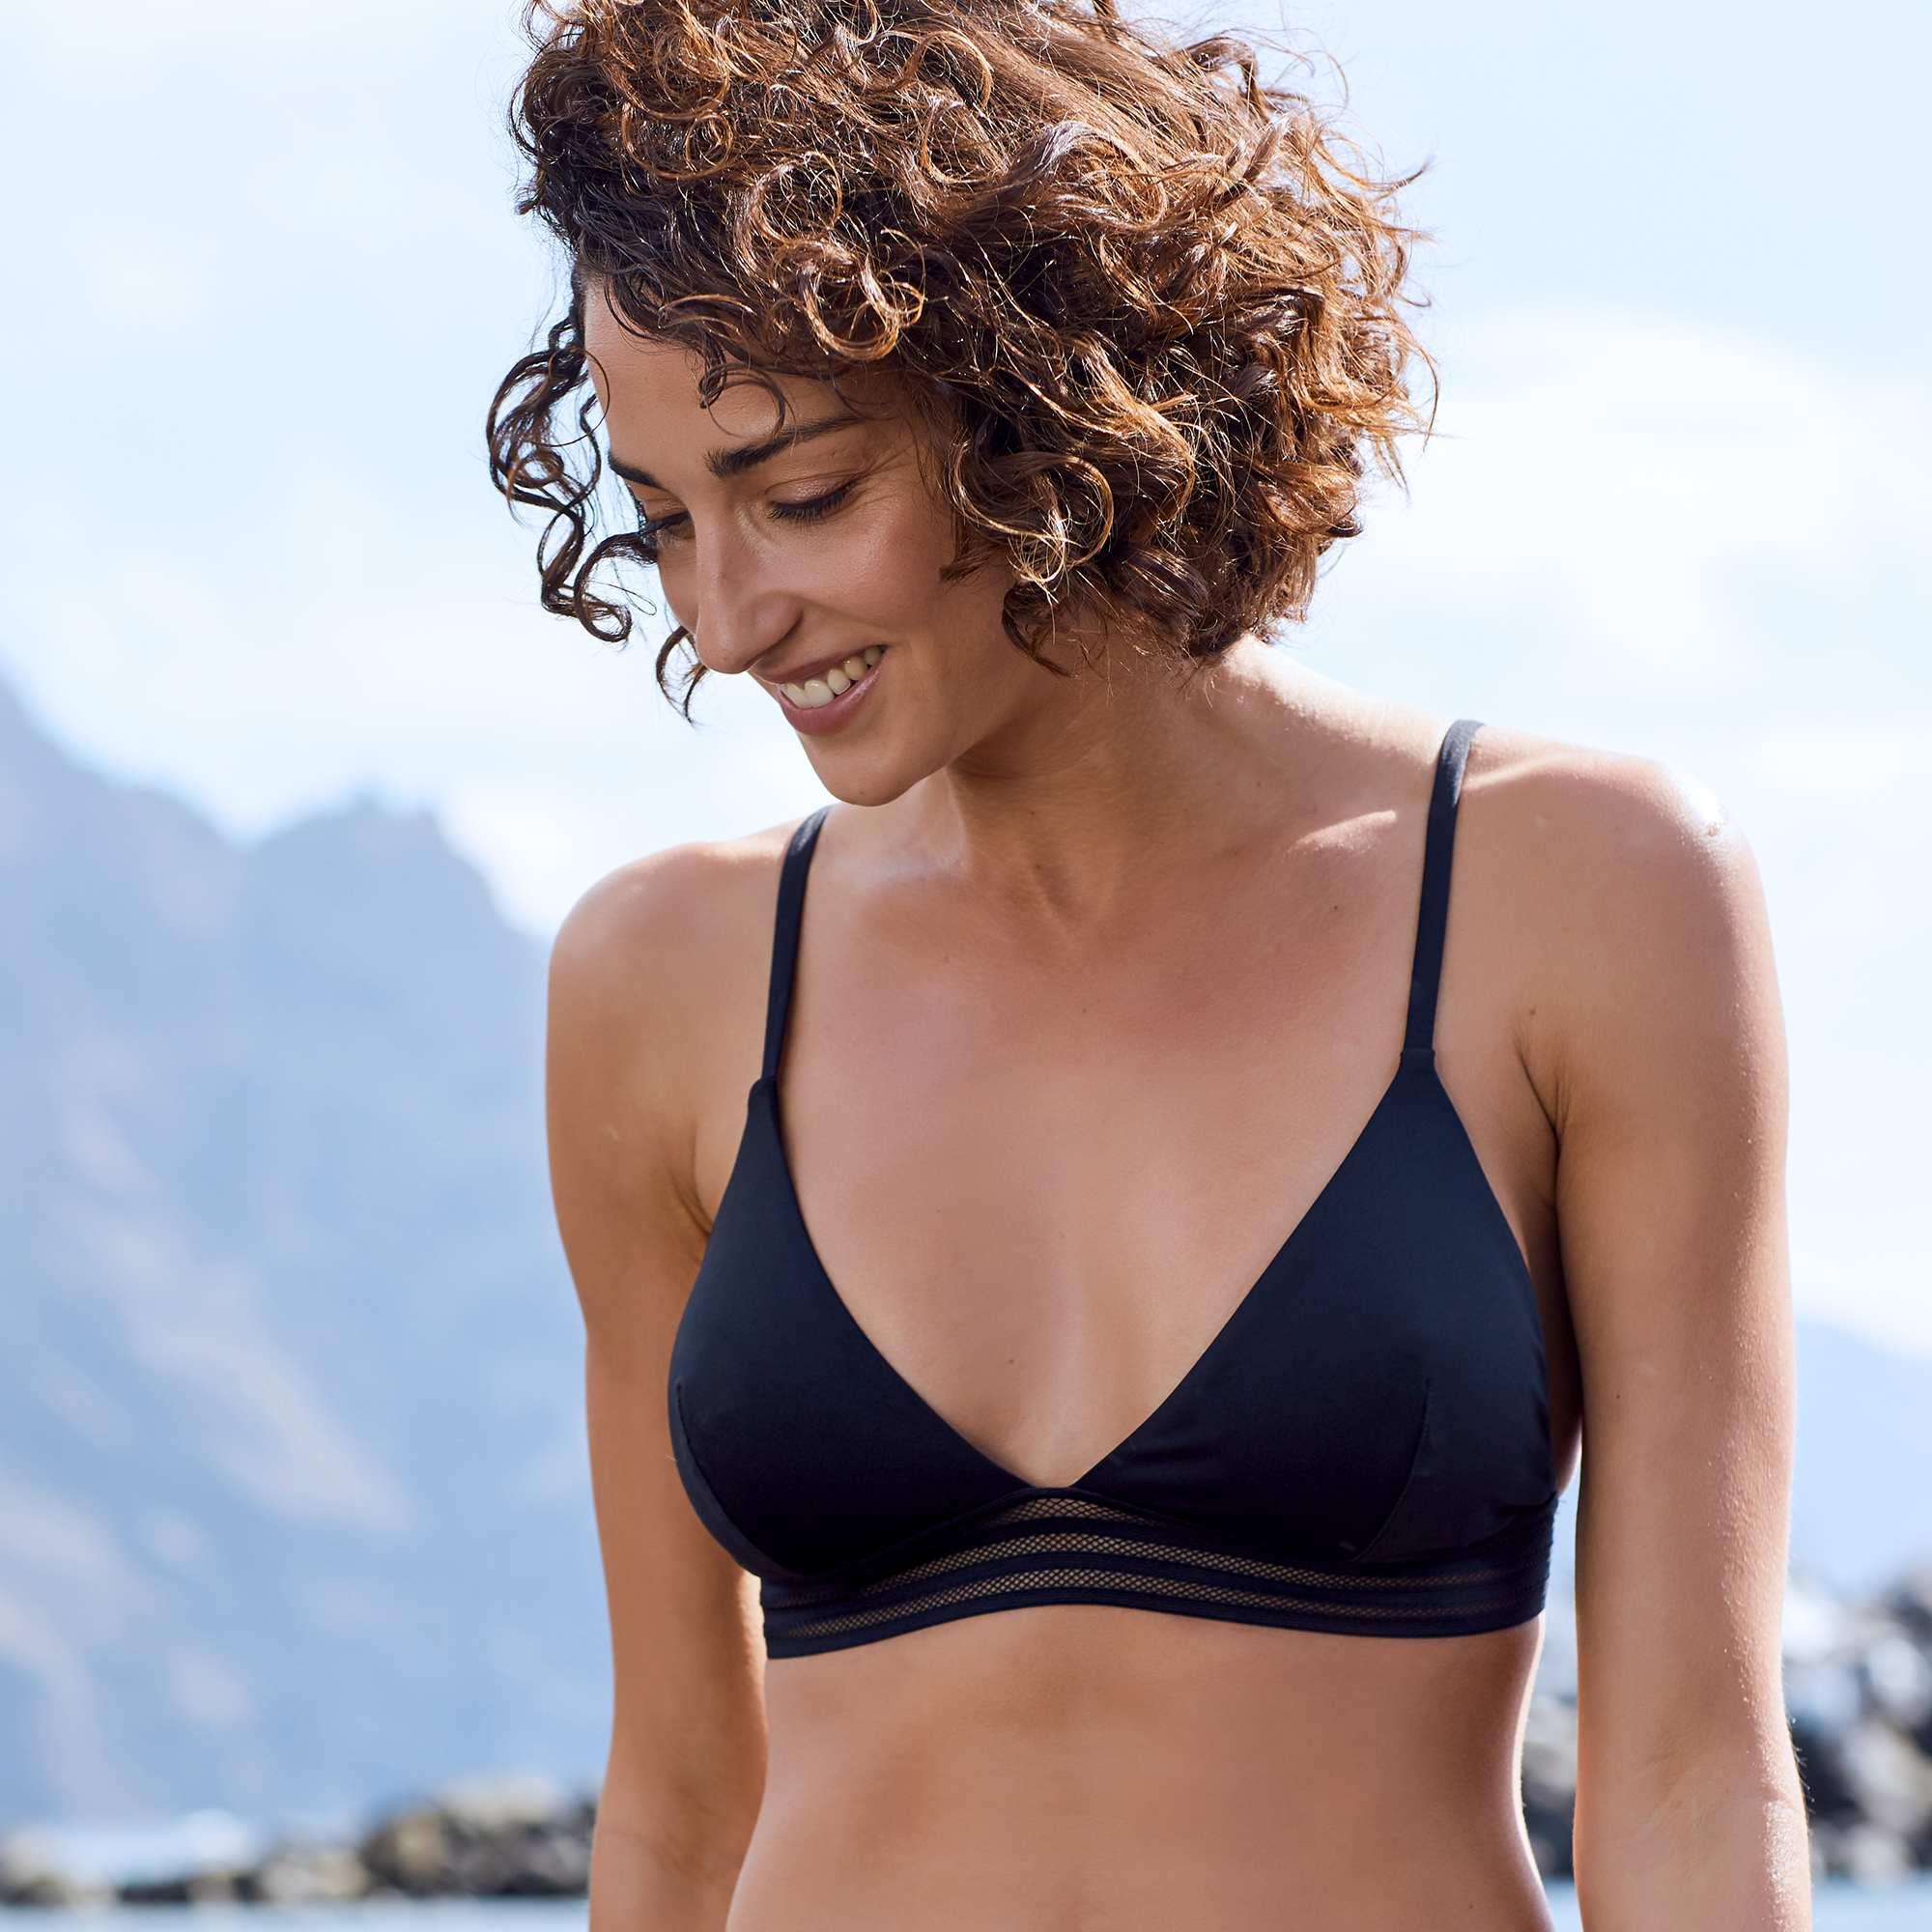 bfa0258c76 Haut de maillot de bain triangle Femme - Kiabi - 4,00€